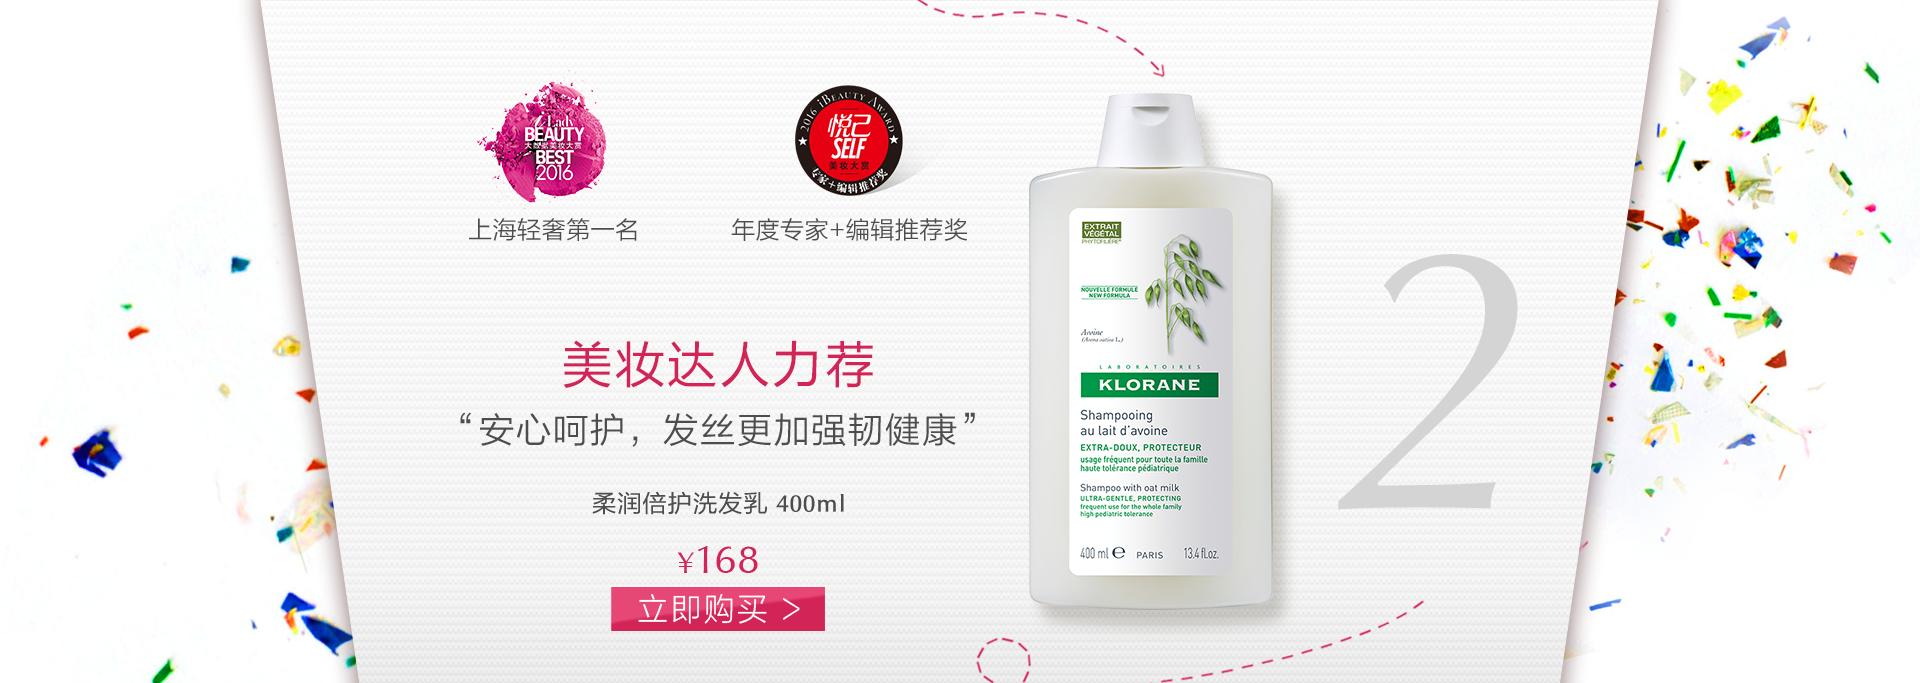 康如柔润倍护洗发乳,发丝更加强韧健康